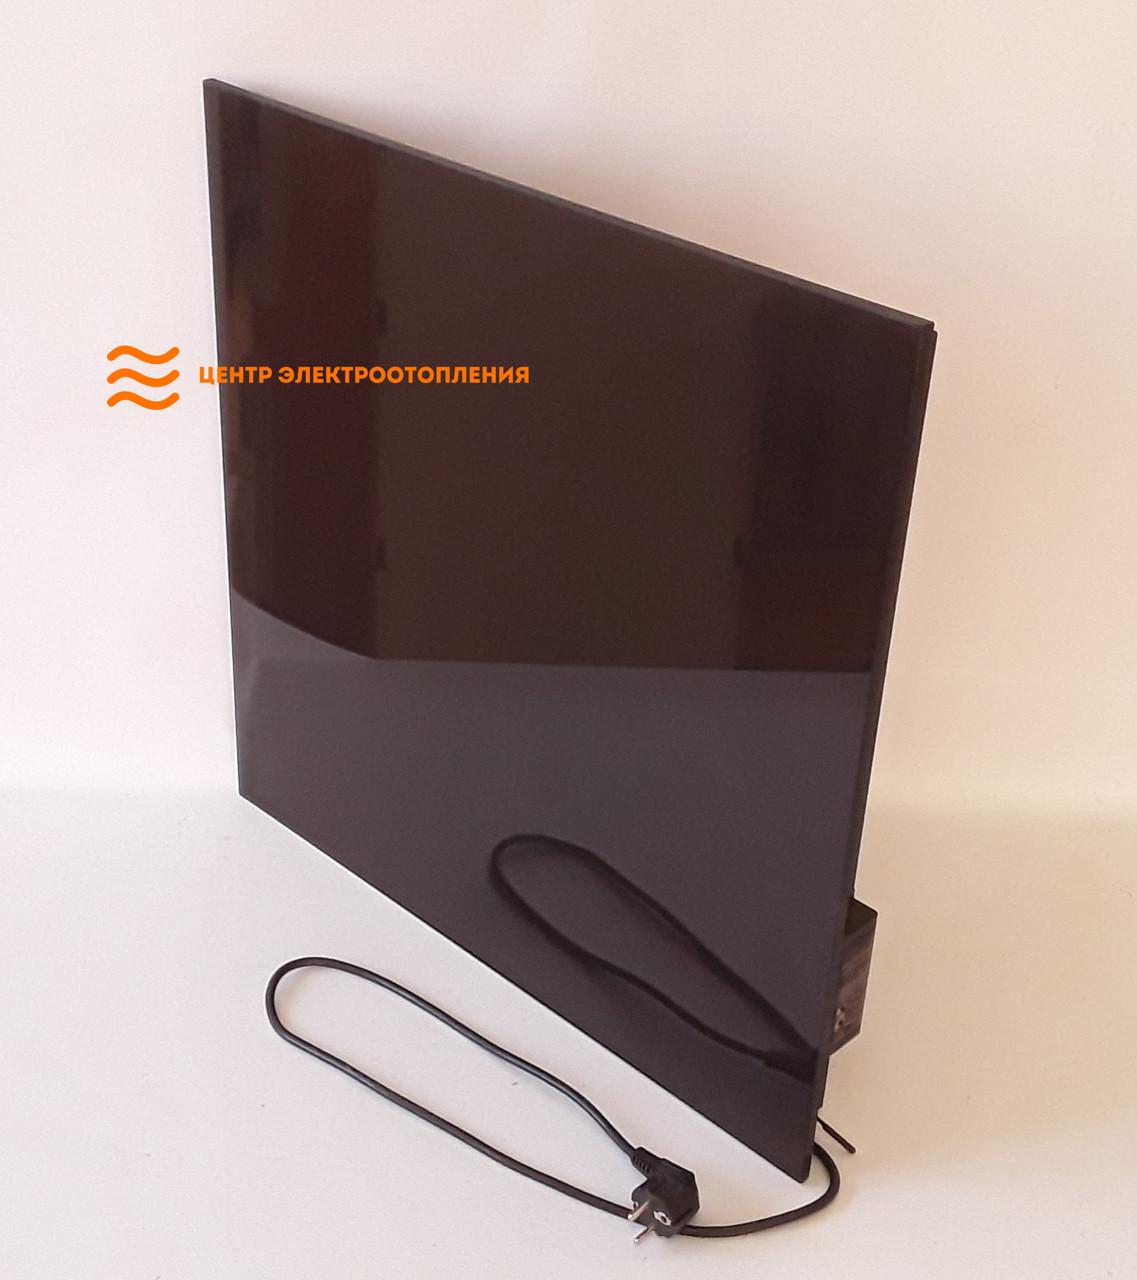 Керамический обогреватель Flyme 450 PB с программатором, чёрный